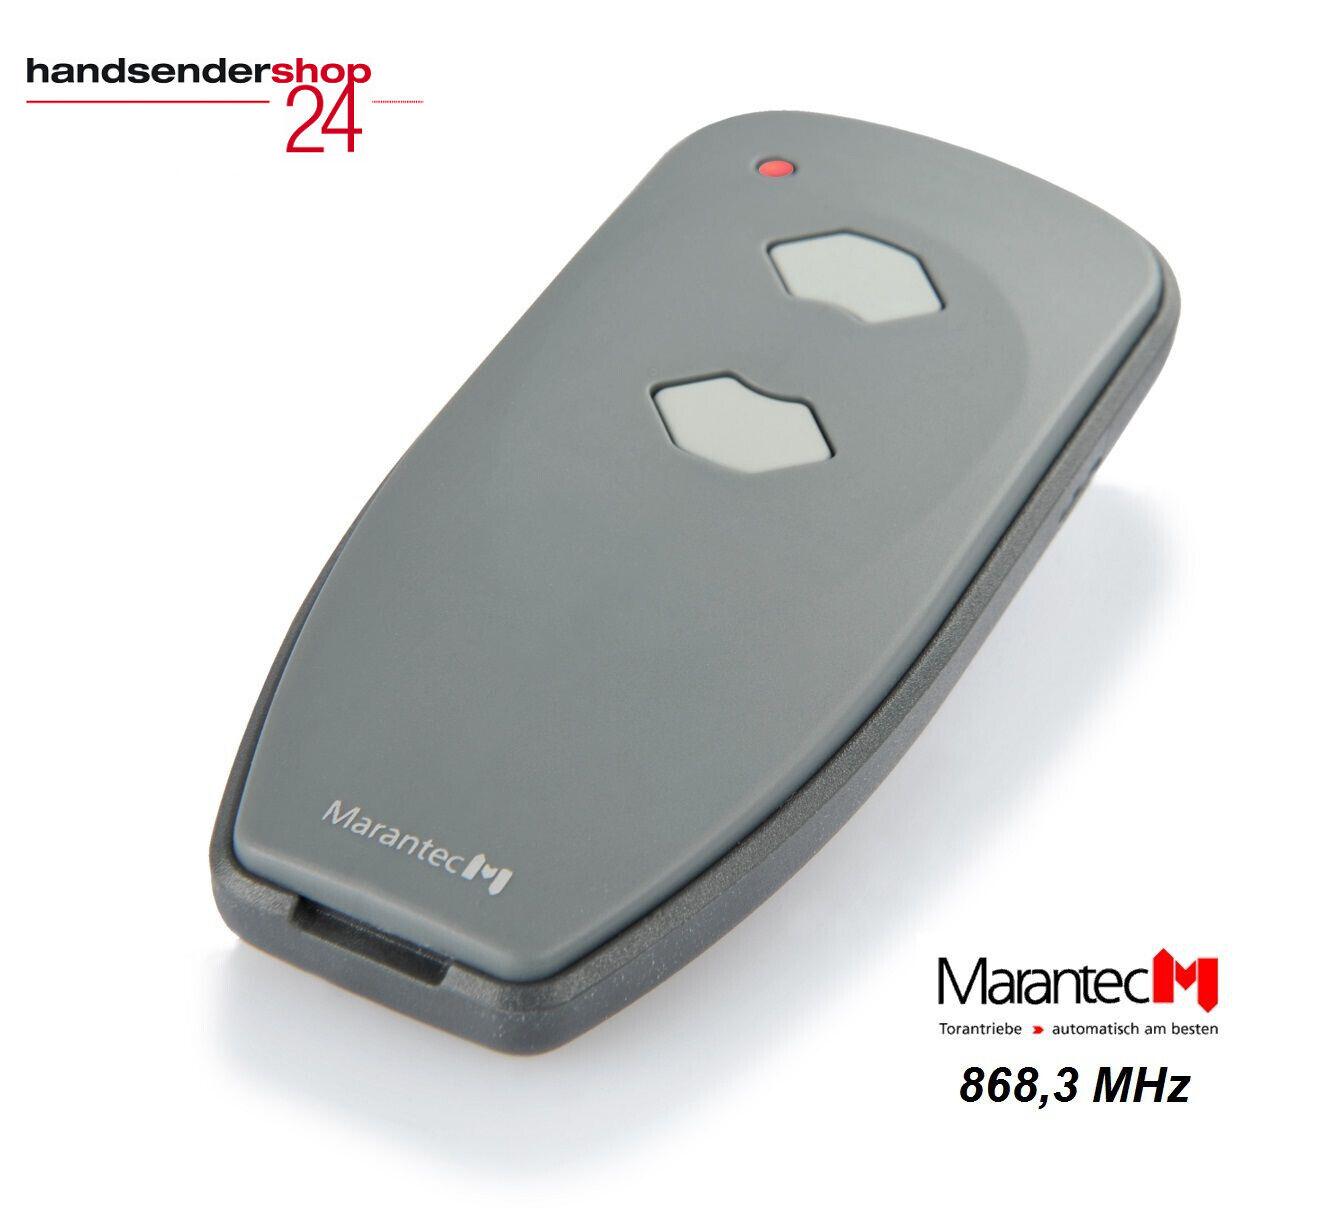 Marantec Digital 302 Handsender 382  Fernbedienung 868,3 MHz Funk Tor